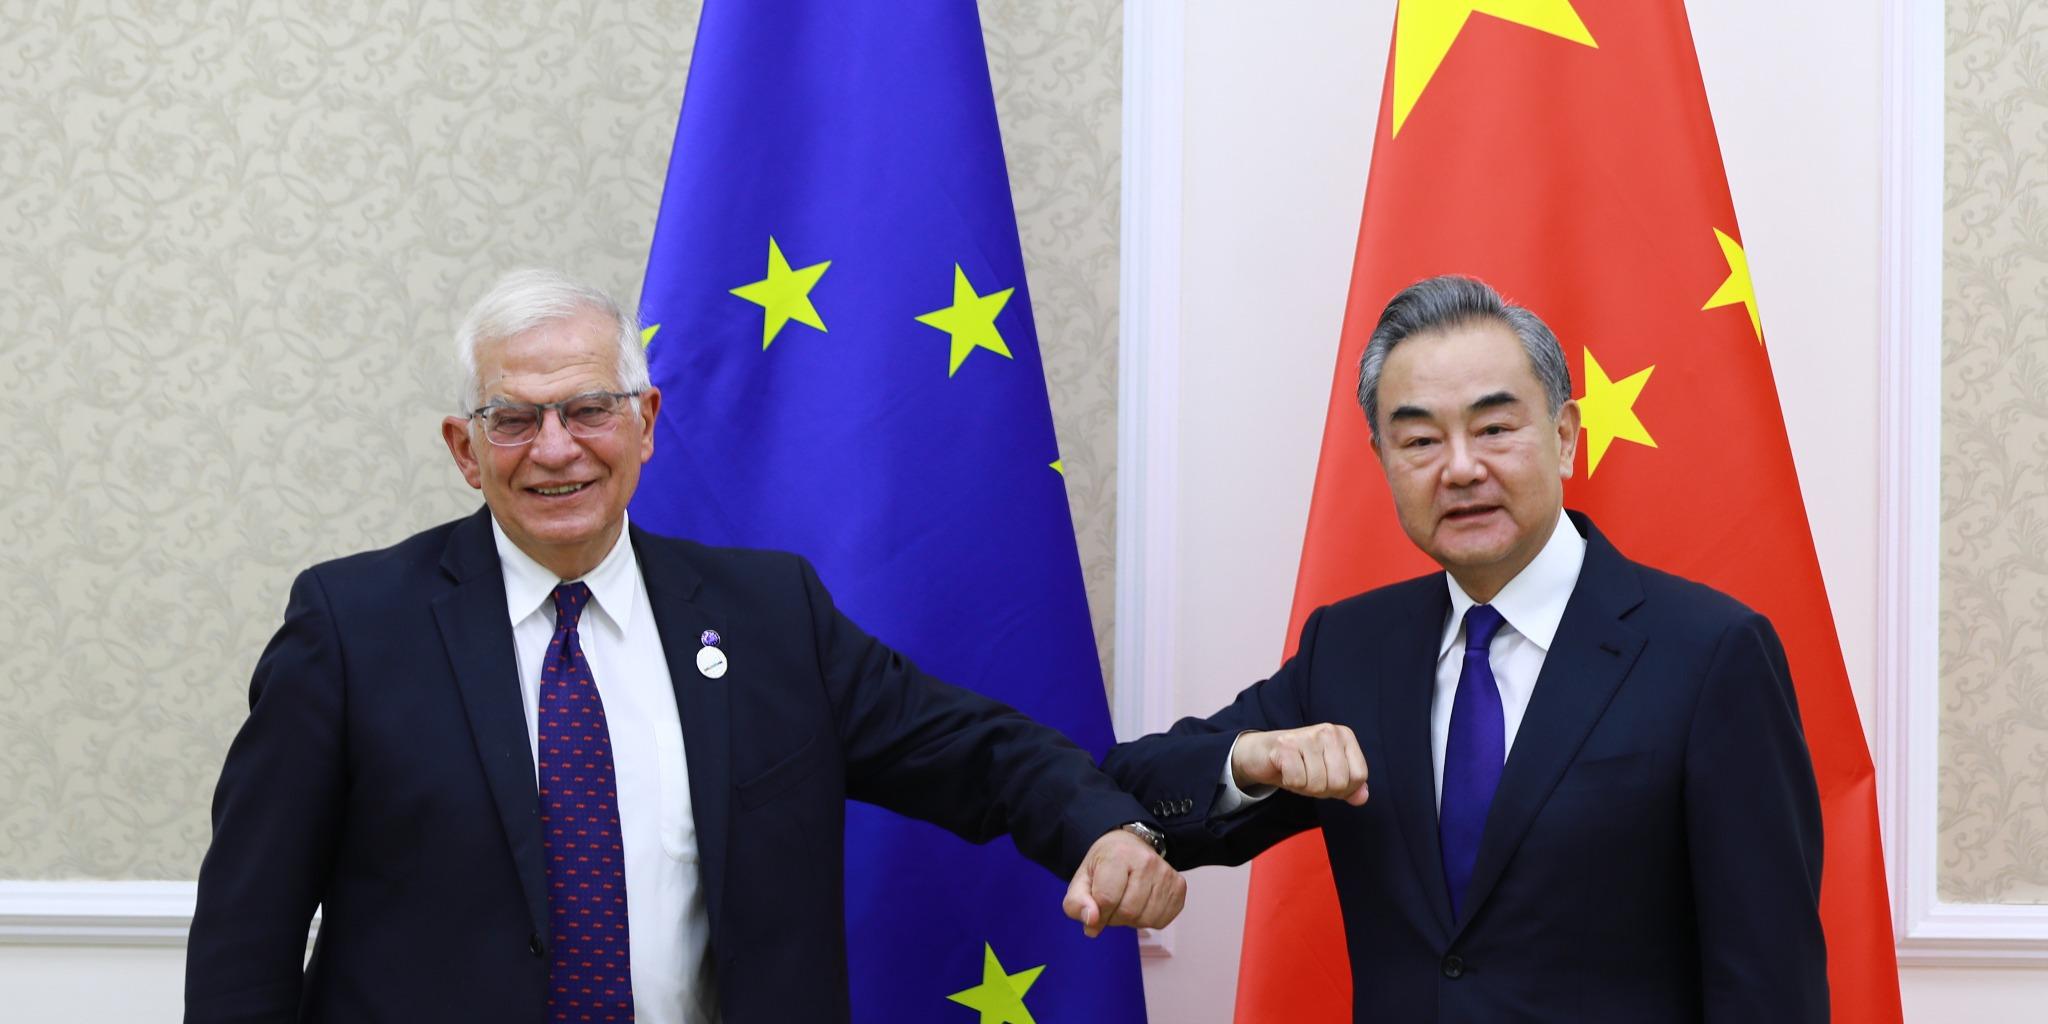 中歐第十一輪高級別戰略對話明舉行